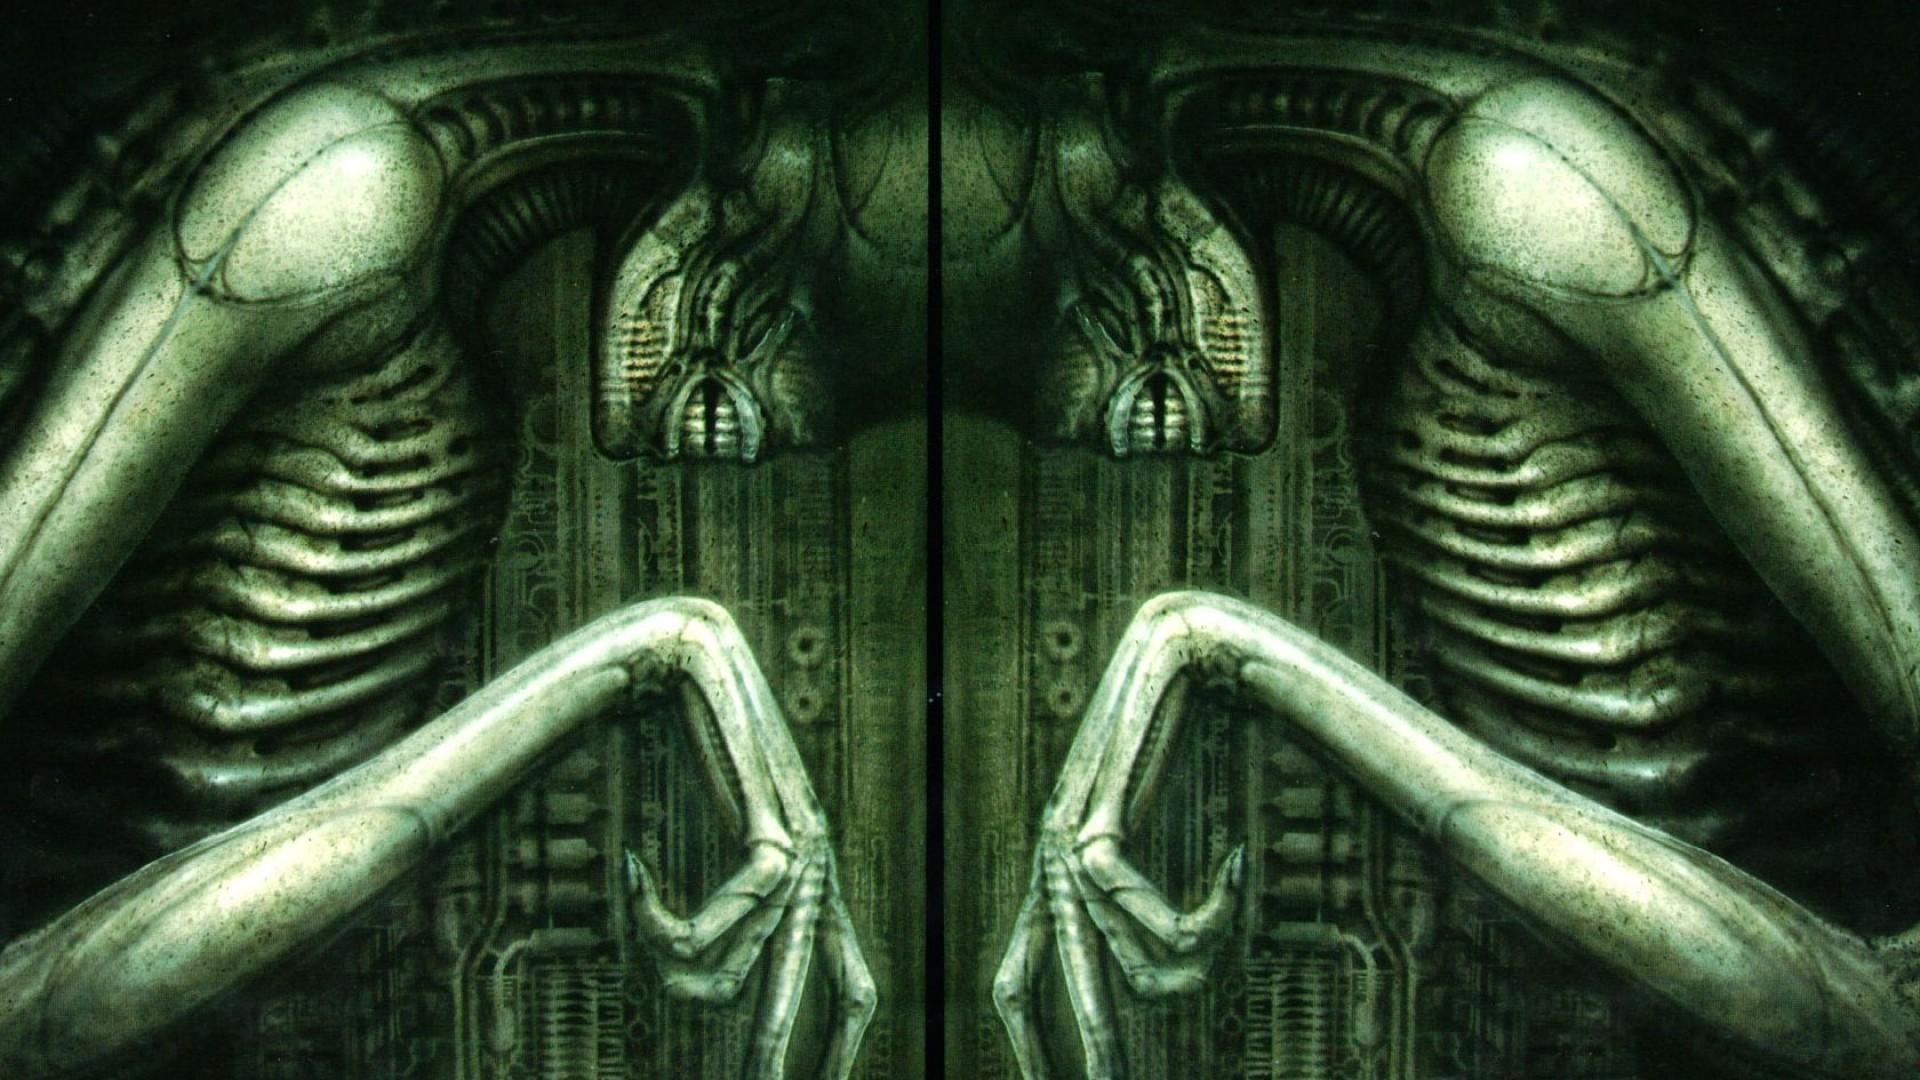 alien h.r. giger hr xenomorph artwork wallpaper | (83821)